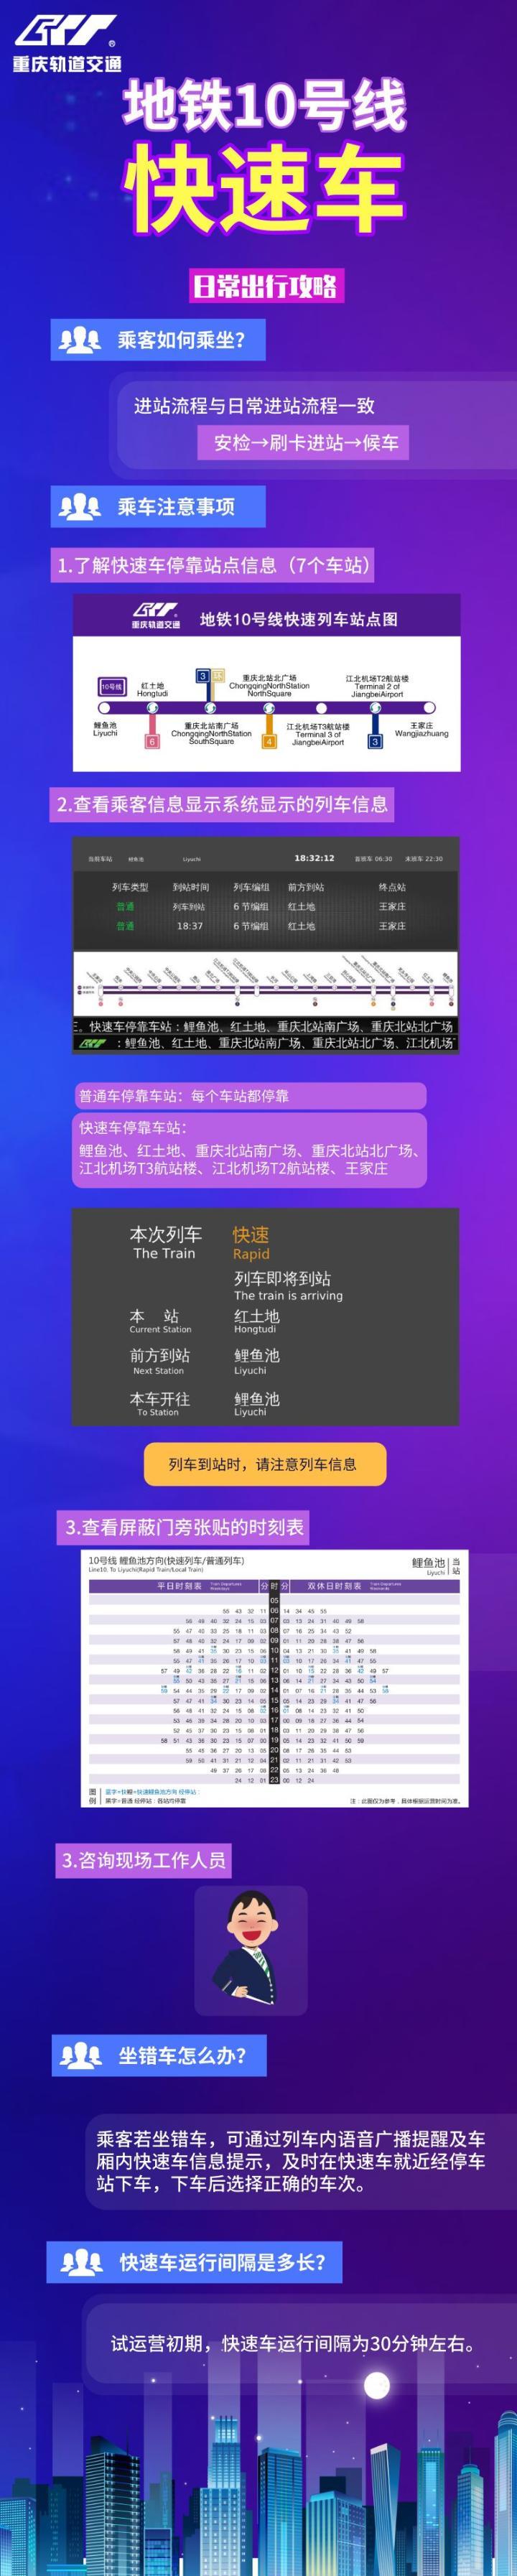 重庆地铁10号线快速车上线 全程7个站可省12分钟图片